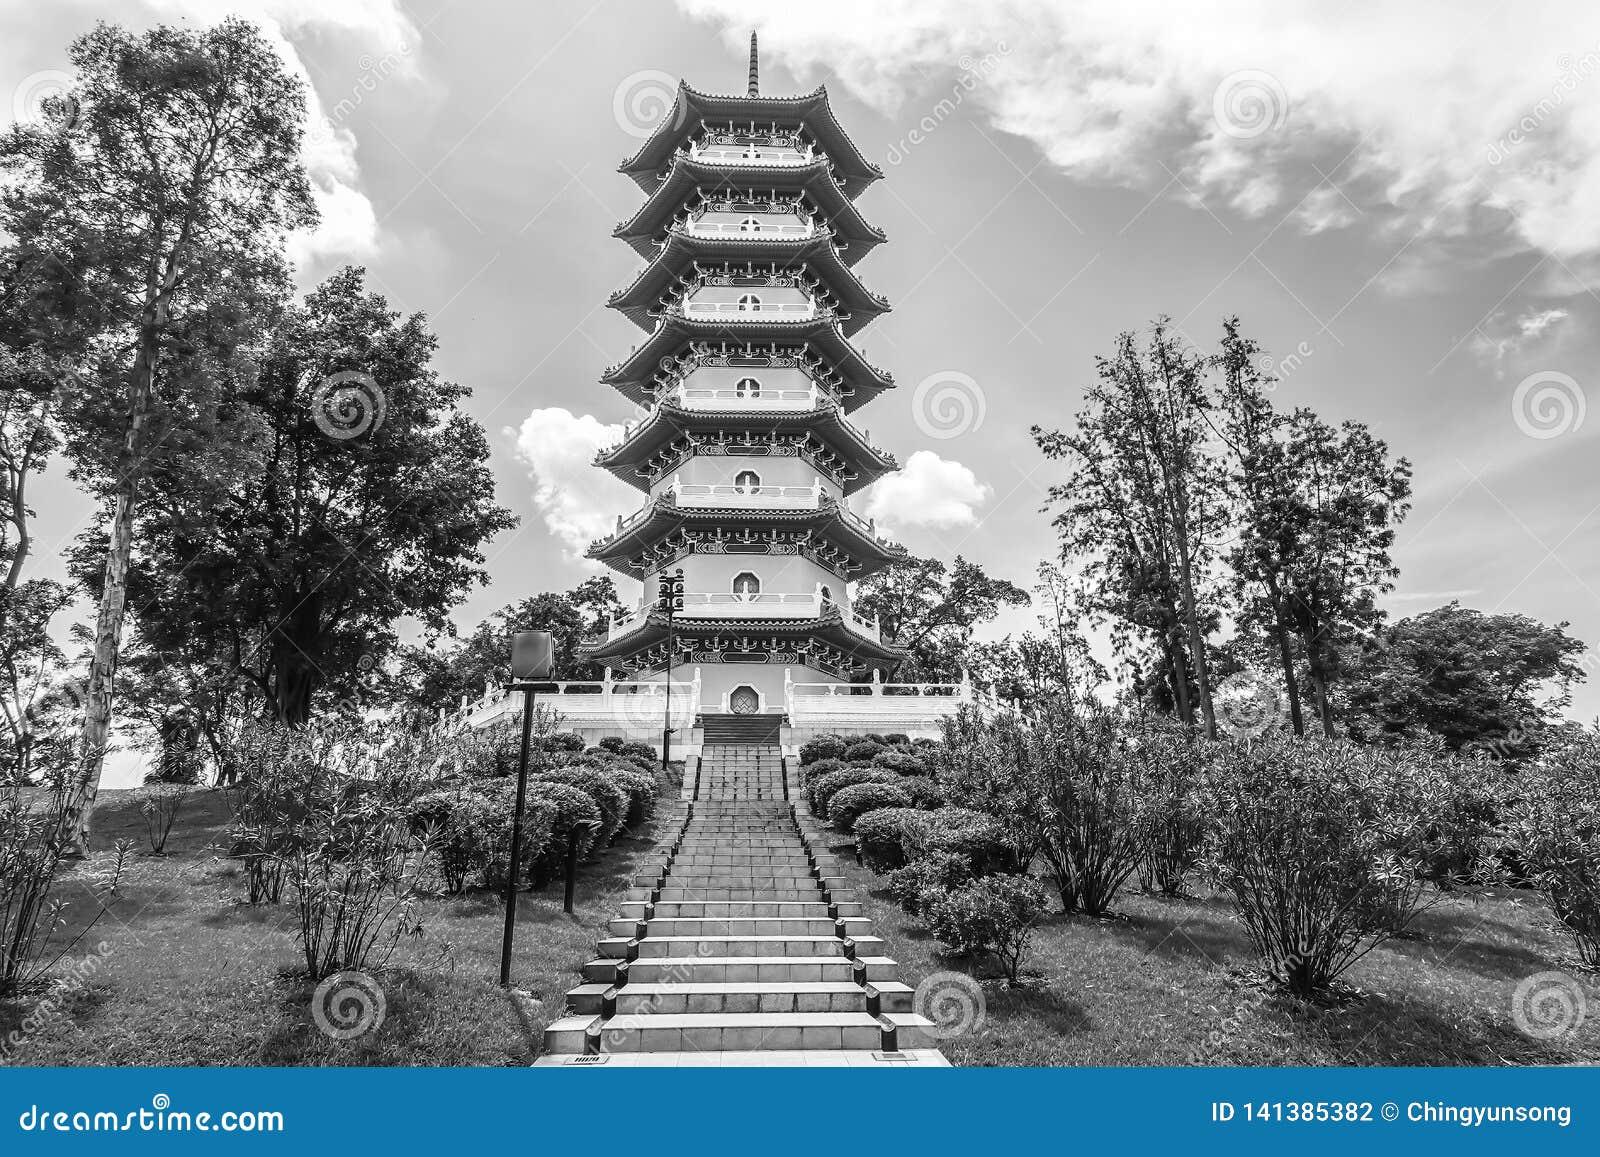 Noire et blanche de la pagoda chinoise de jardins est une des icônes les plus reconnaissables à Singapour